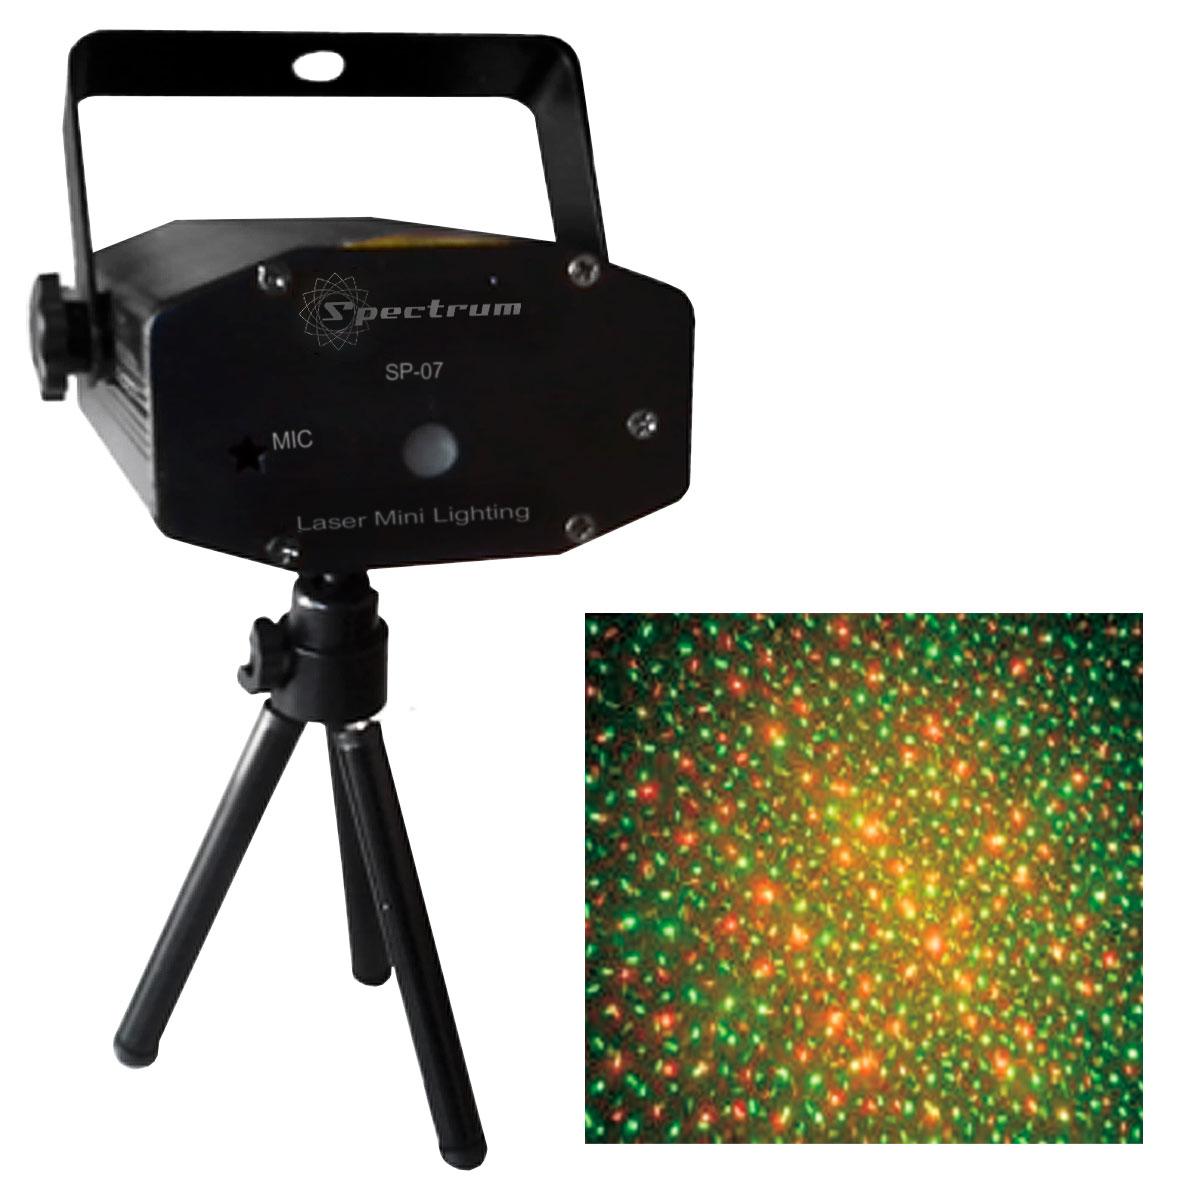 SP07 - Canhão de Laser Verde / Vermelho SP 07 - Spectrum